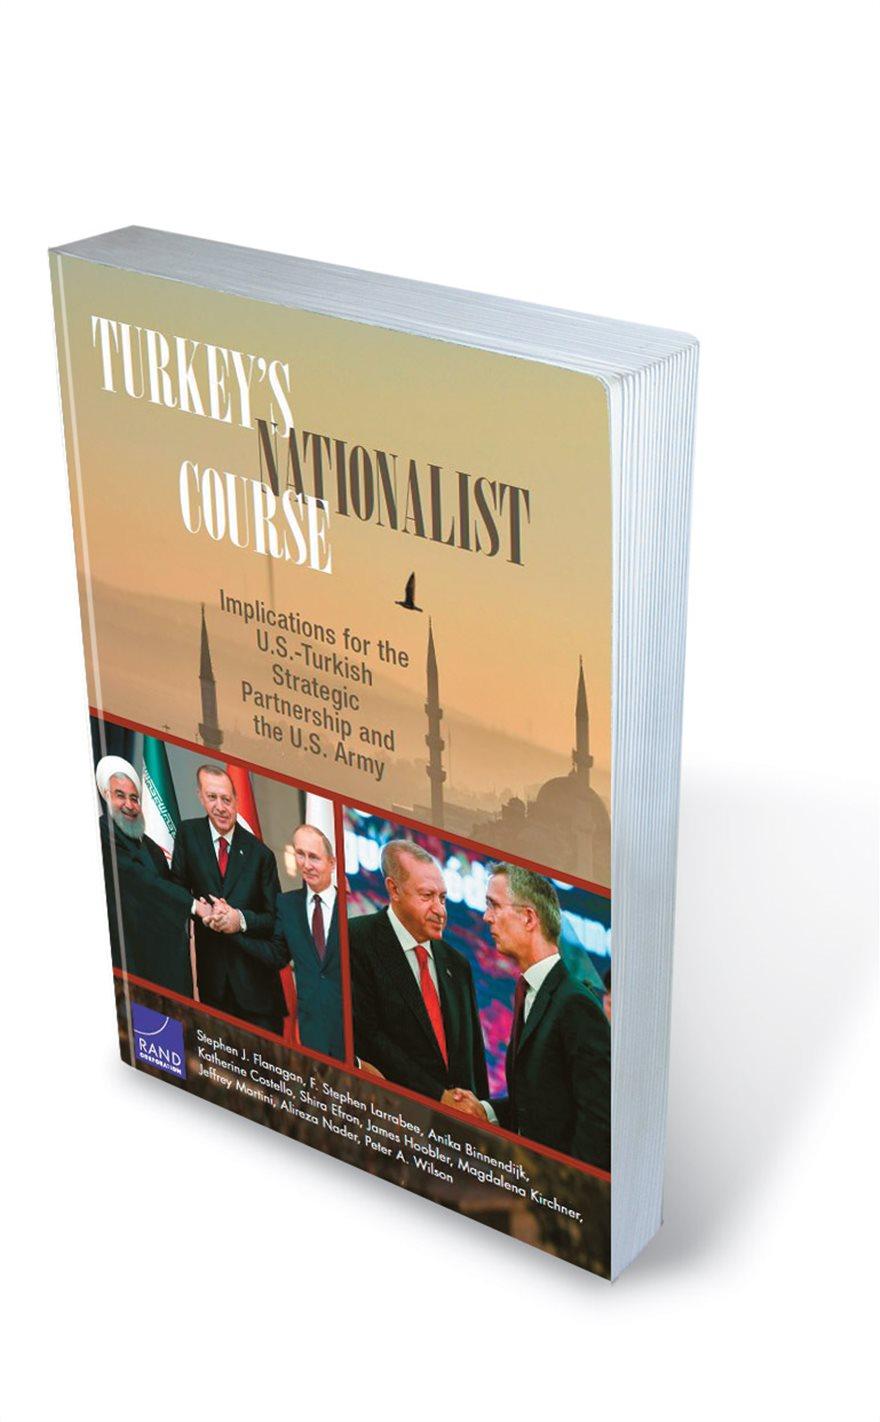 Ερντογάν: Μέχρι πότε θα αντέξει ο «σουλτάνος» - Τέσσερα σενάρια για το μέλλον του - Φωτογραφία 2